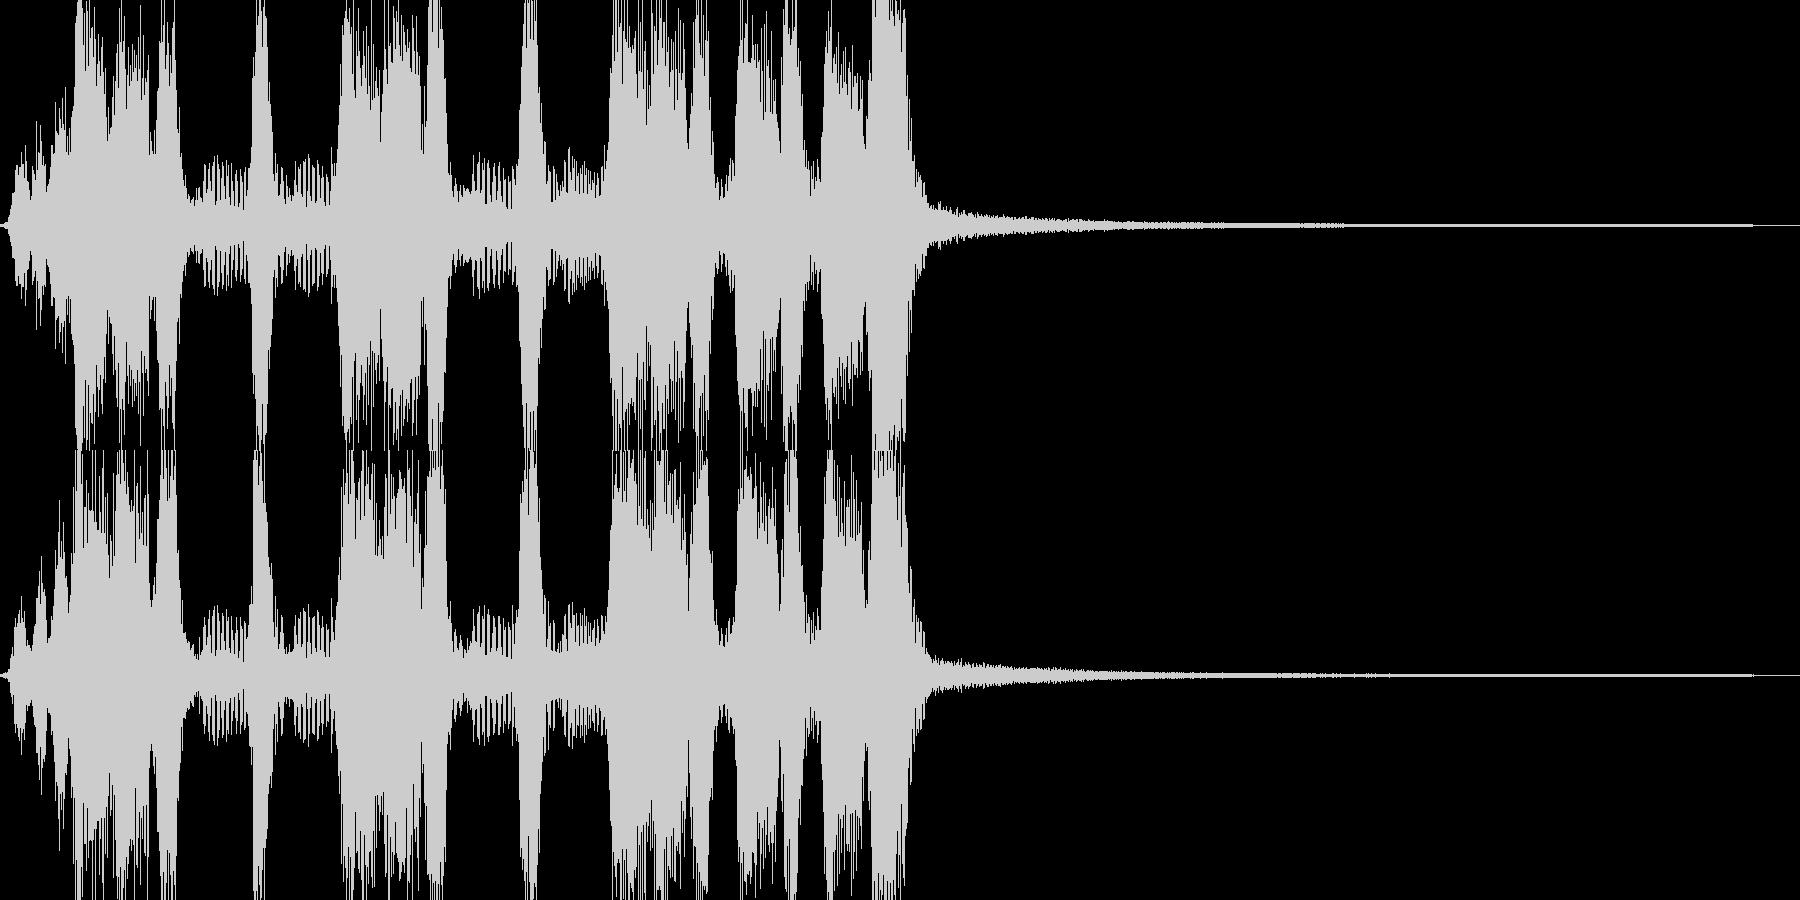 アコーディオンの賑やかなワルツジングルの未再生の波形